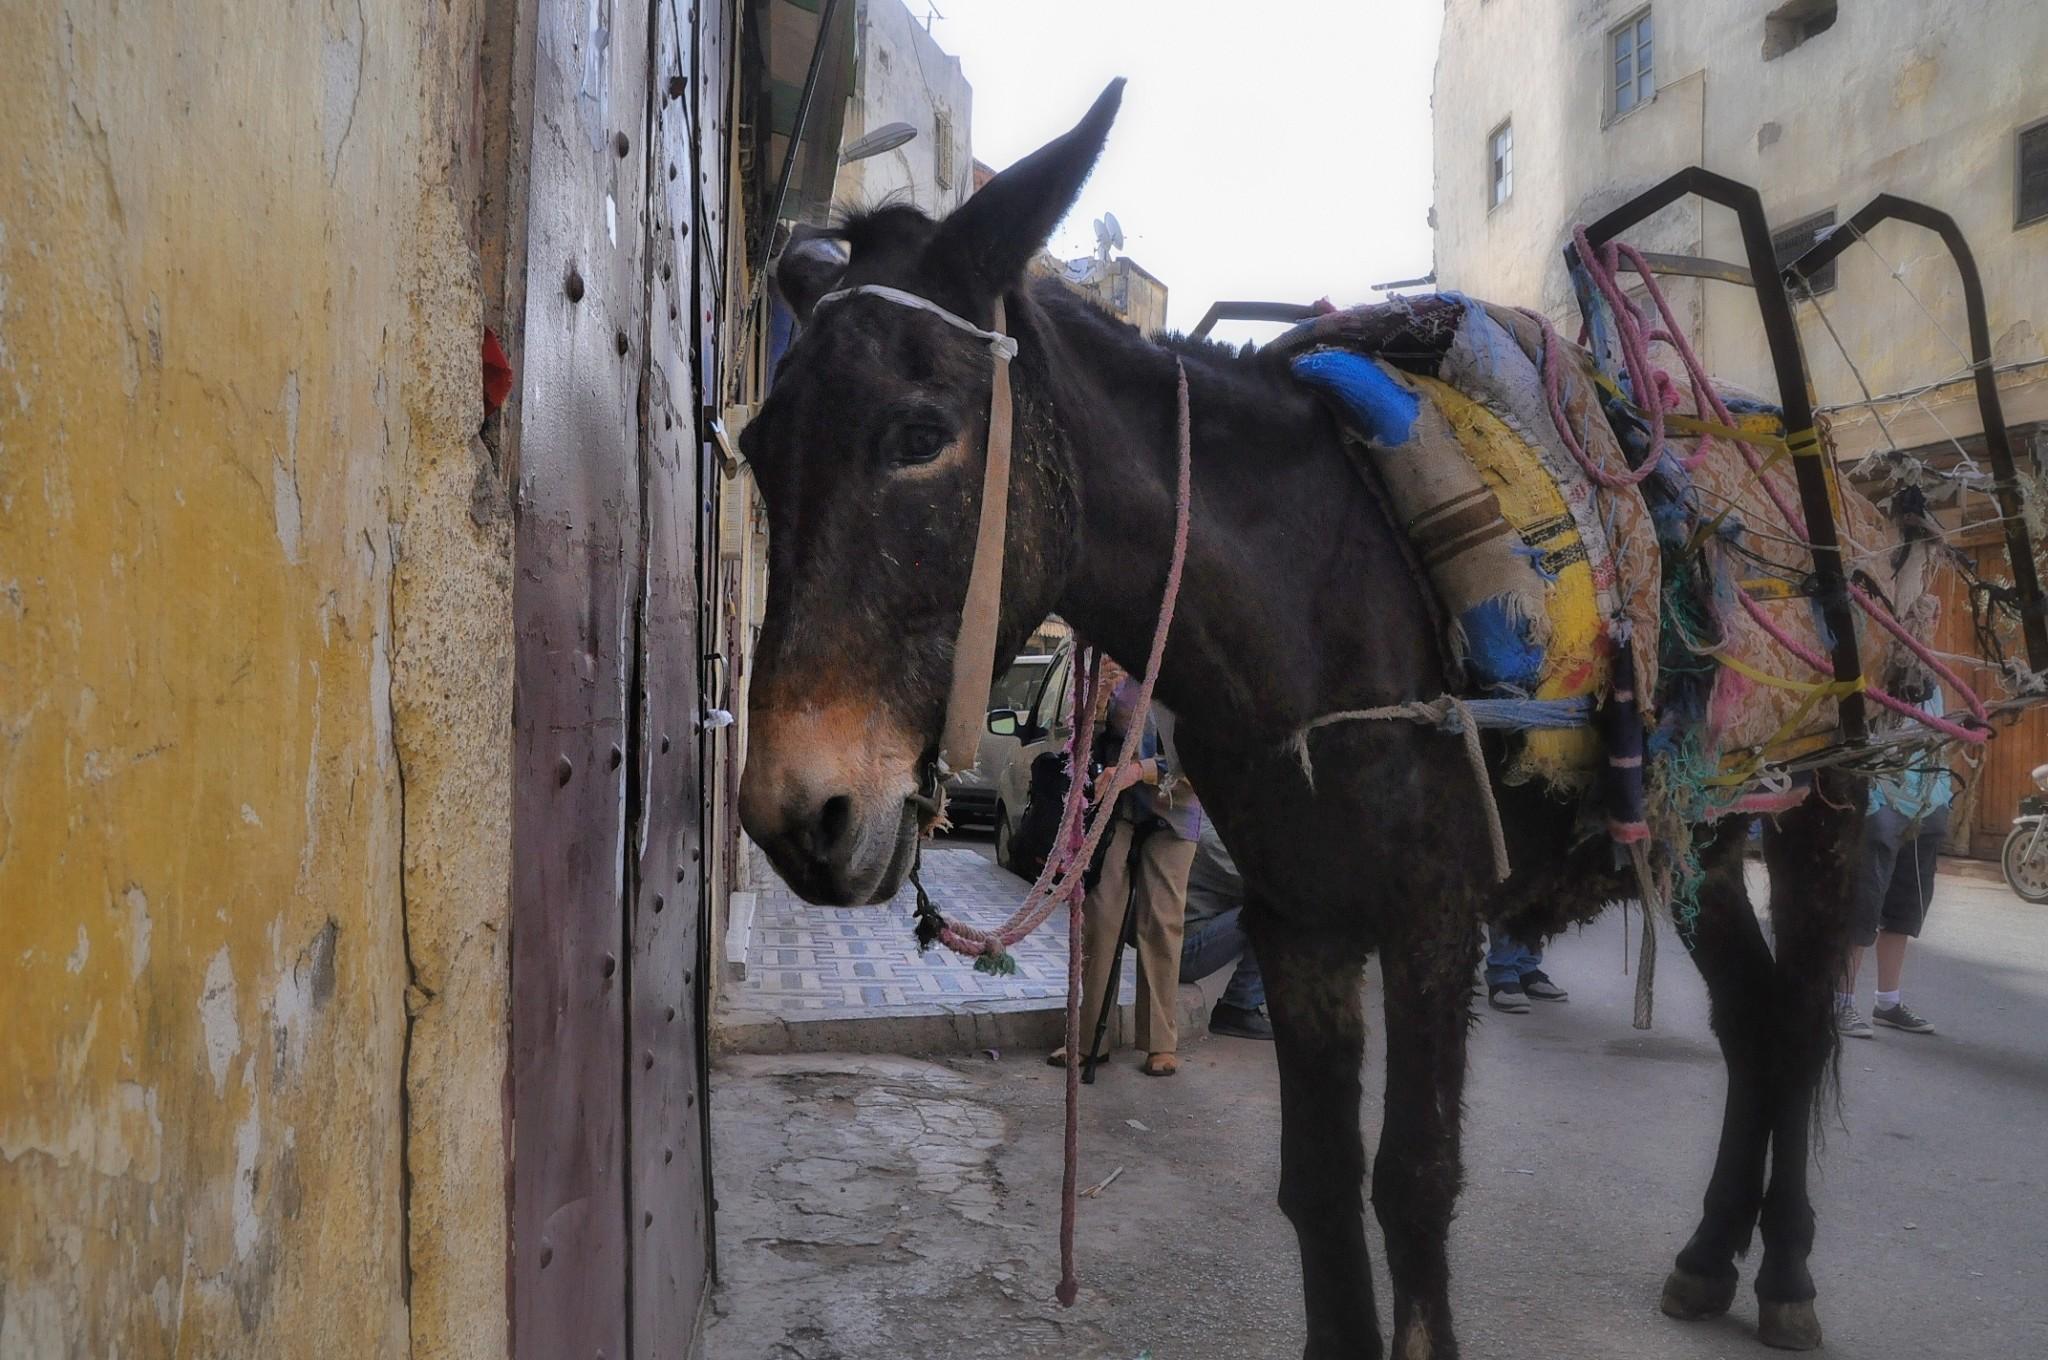 Working donkey in Fez, Morocco